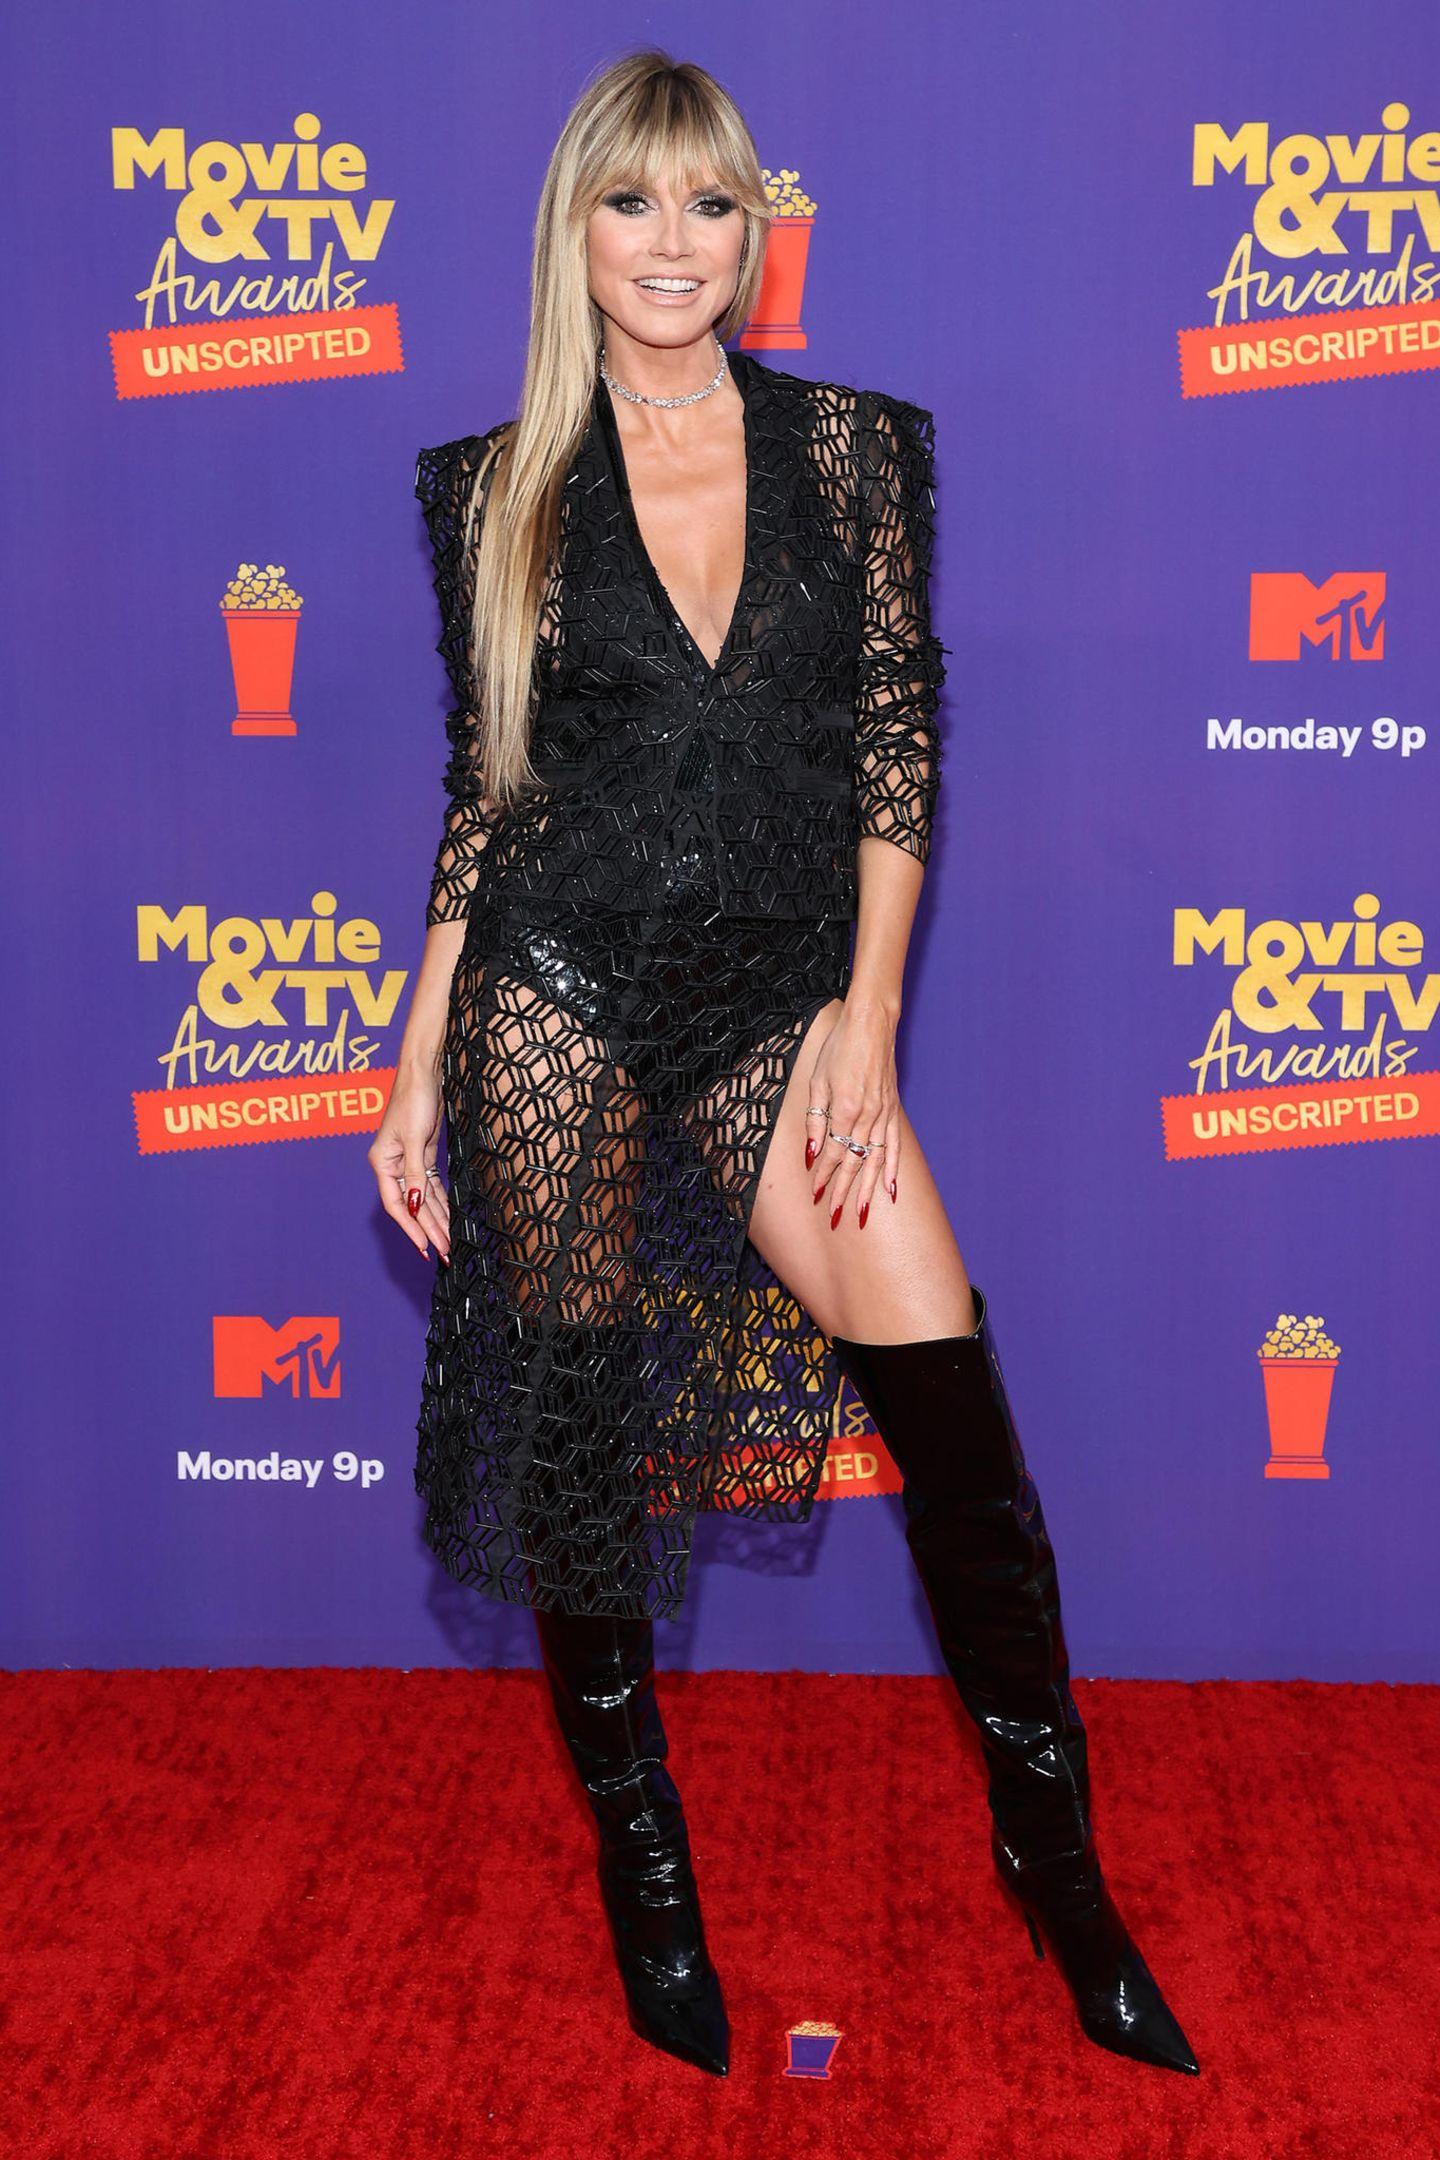 """Hoher Beinschlitz, Overknees und raffinierter Twist – die Blazer-Rock-Kombi vonAliétte ist ganz nach Heidi Klums Geschmack. Selbstbewusst geizt sie nicht mit ihren Reizen und setzt ihre Endlosbeine auf dem roten Teppich der """"MTV Movie & TV Awards: UNSCRIPTED"""" gekonnt in Szene."""